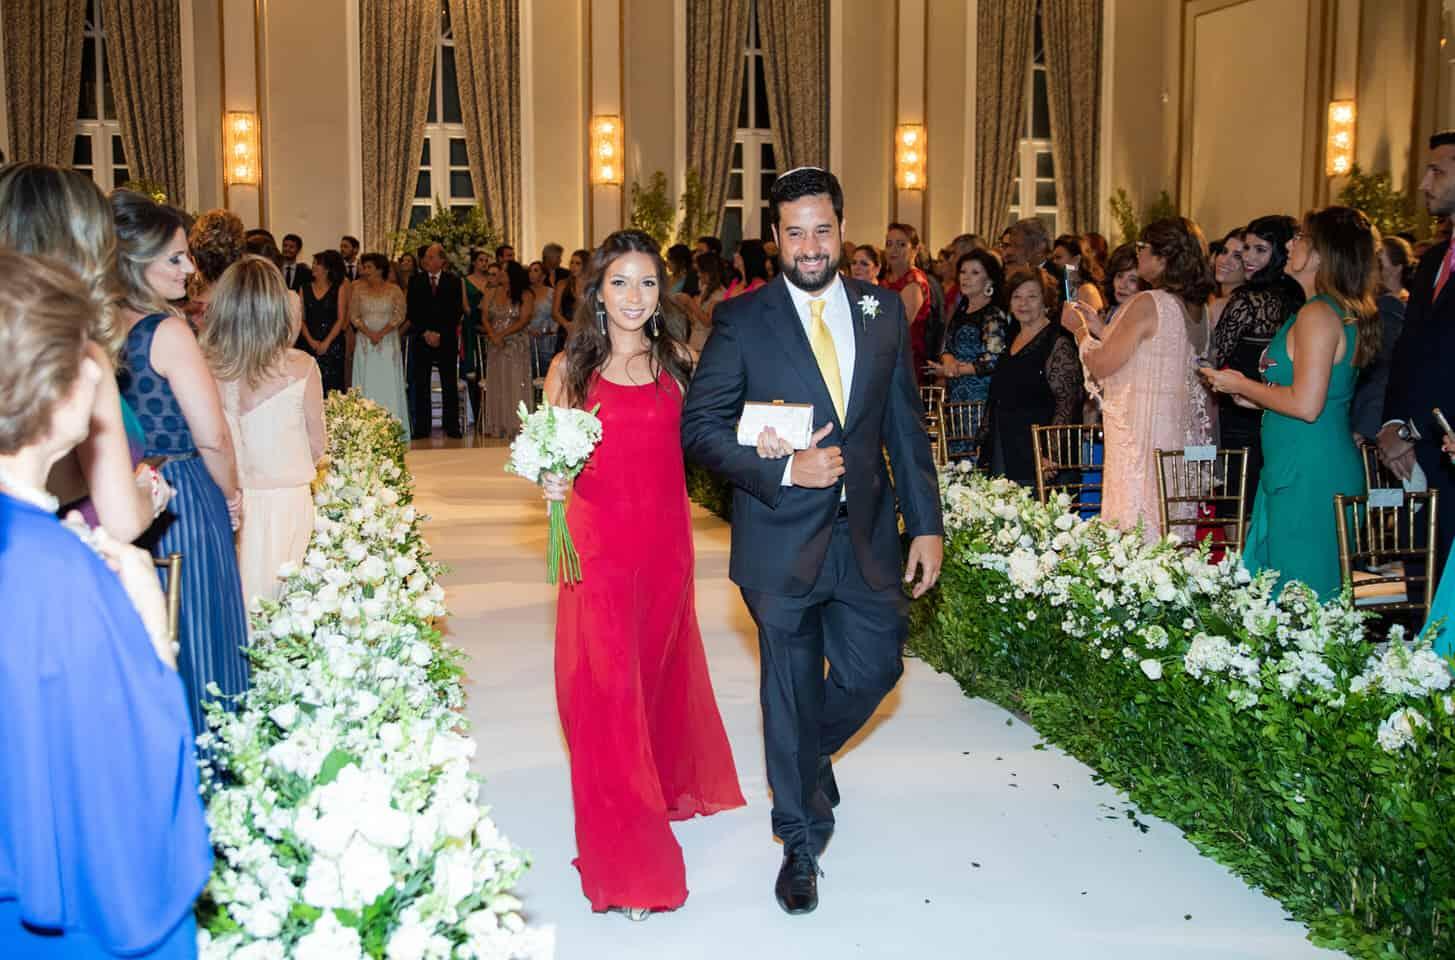 casamento-clássico-casamento-tradicional-casamento-fabiane-e-gustavo-copacabana-palace-rio-de-janeiro-Fotografa-Rodrigo-Sack-21